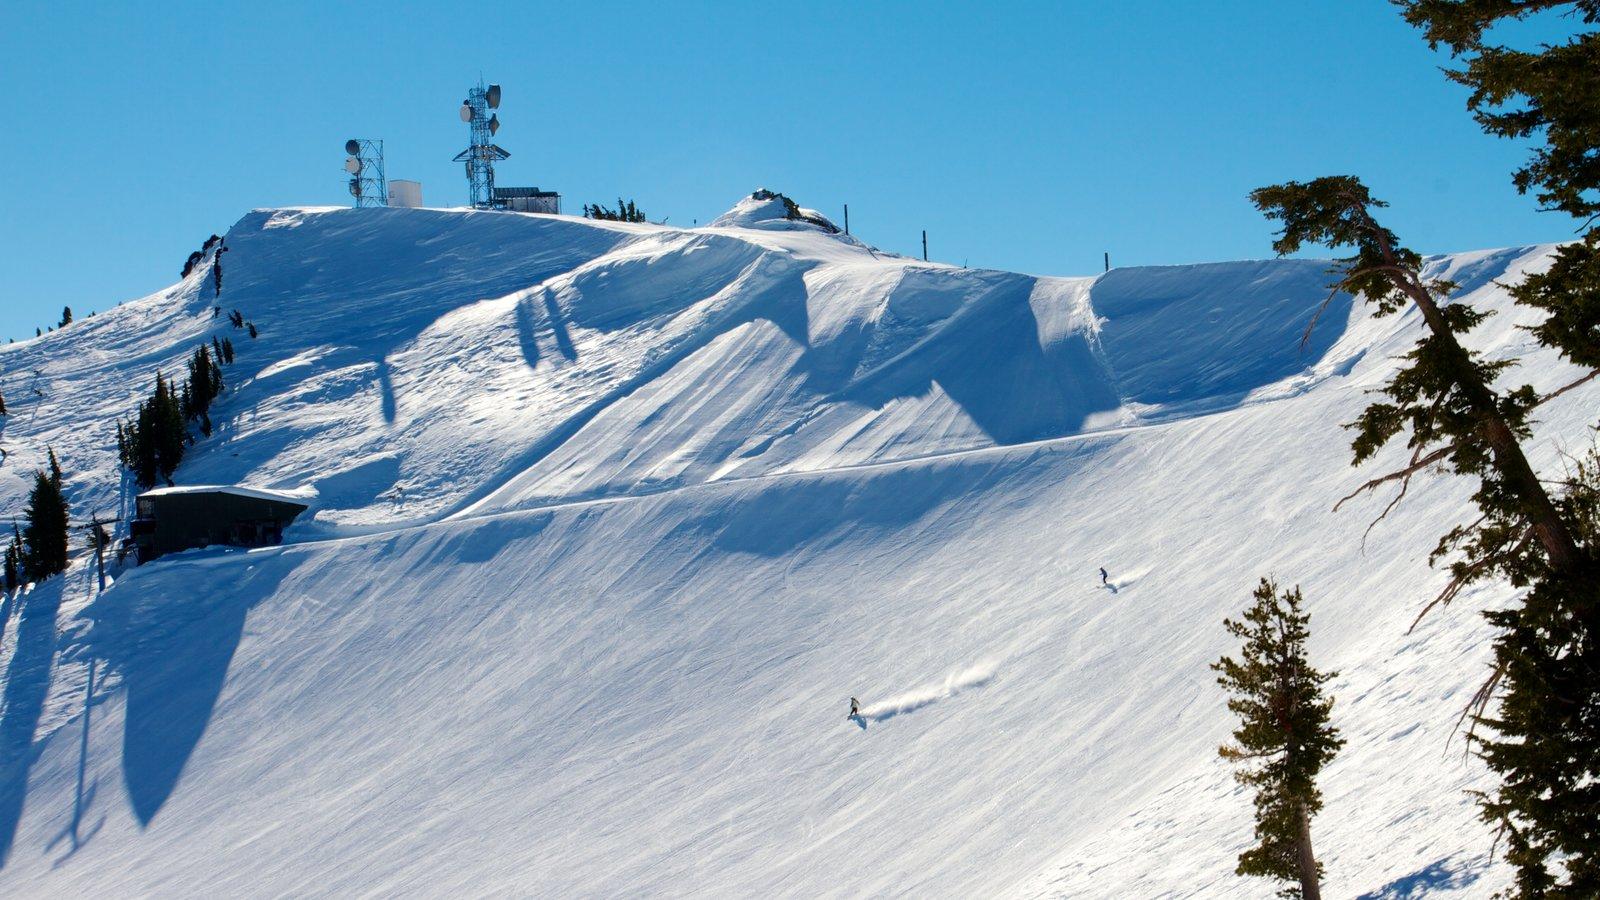 Alpine Meadows mostrando nieve, esquiar en la nieve y montañas